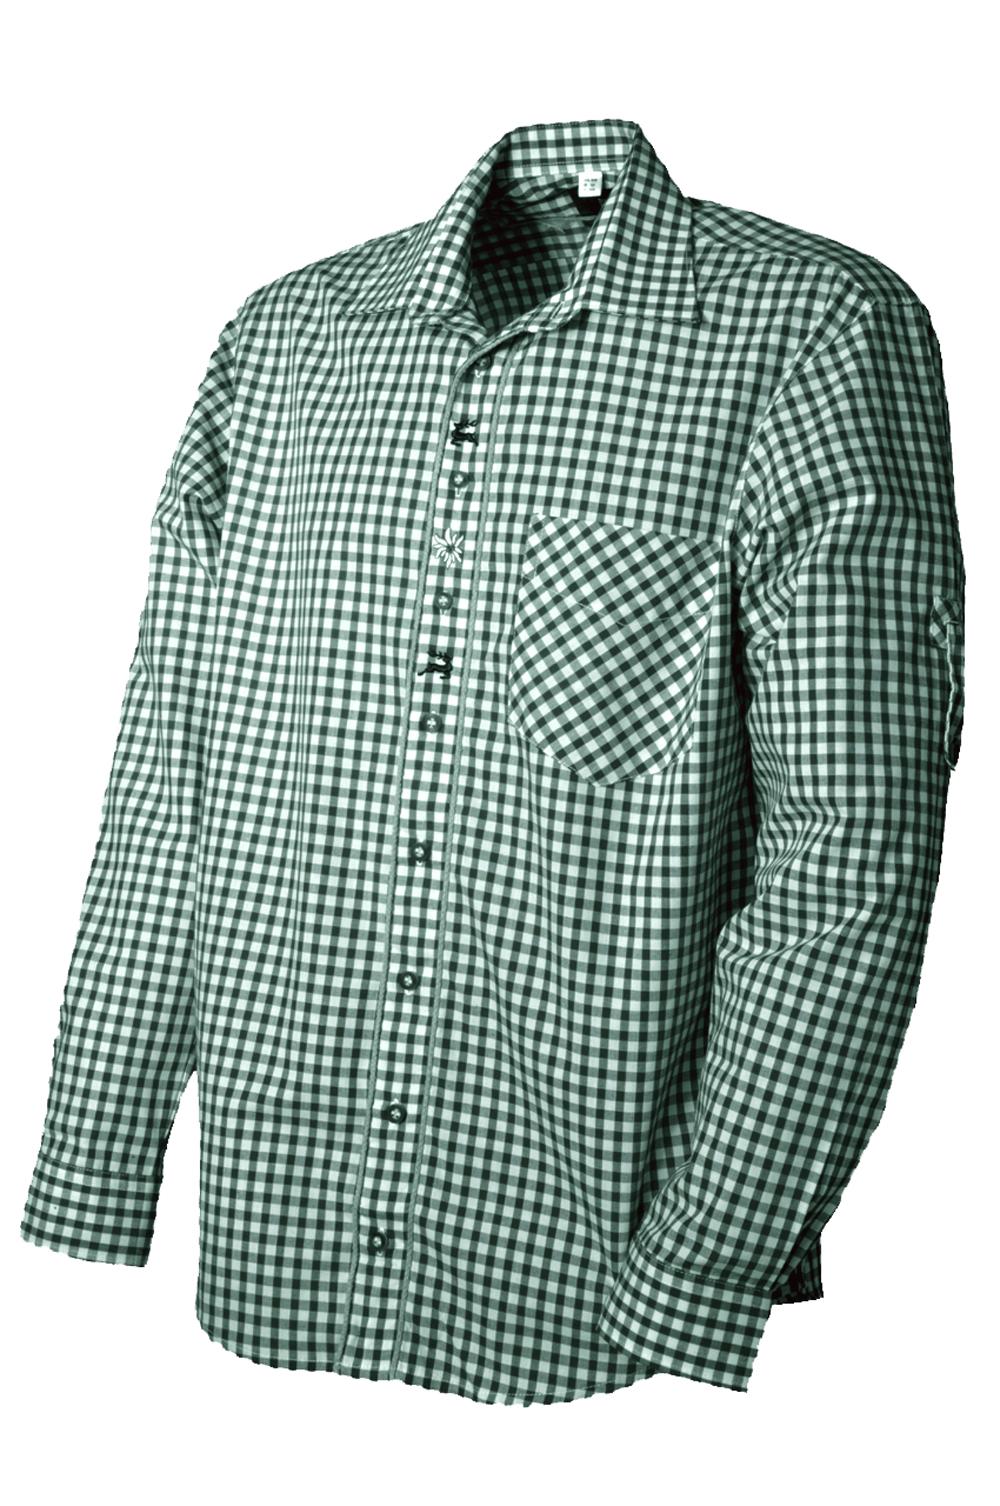 Trachtenhemd Megesheim grün weiß OS Trachten   Trachten in Übergröße    Herren   Trachtenoutlet24 ec9479ab2c